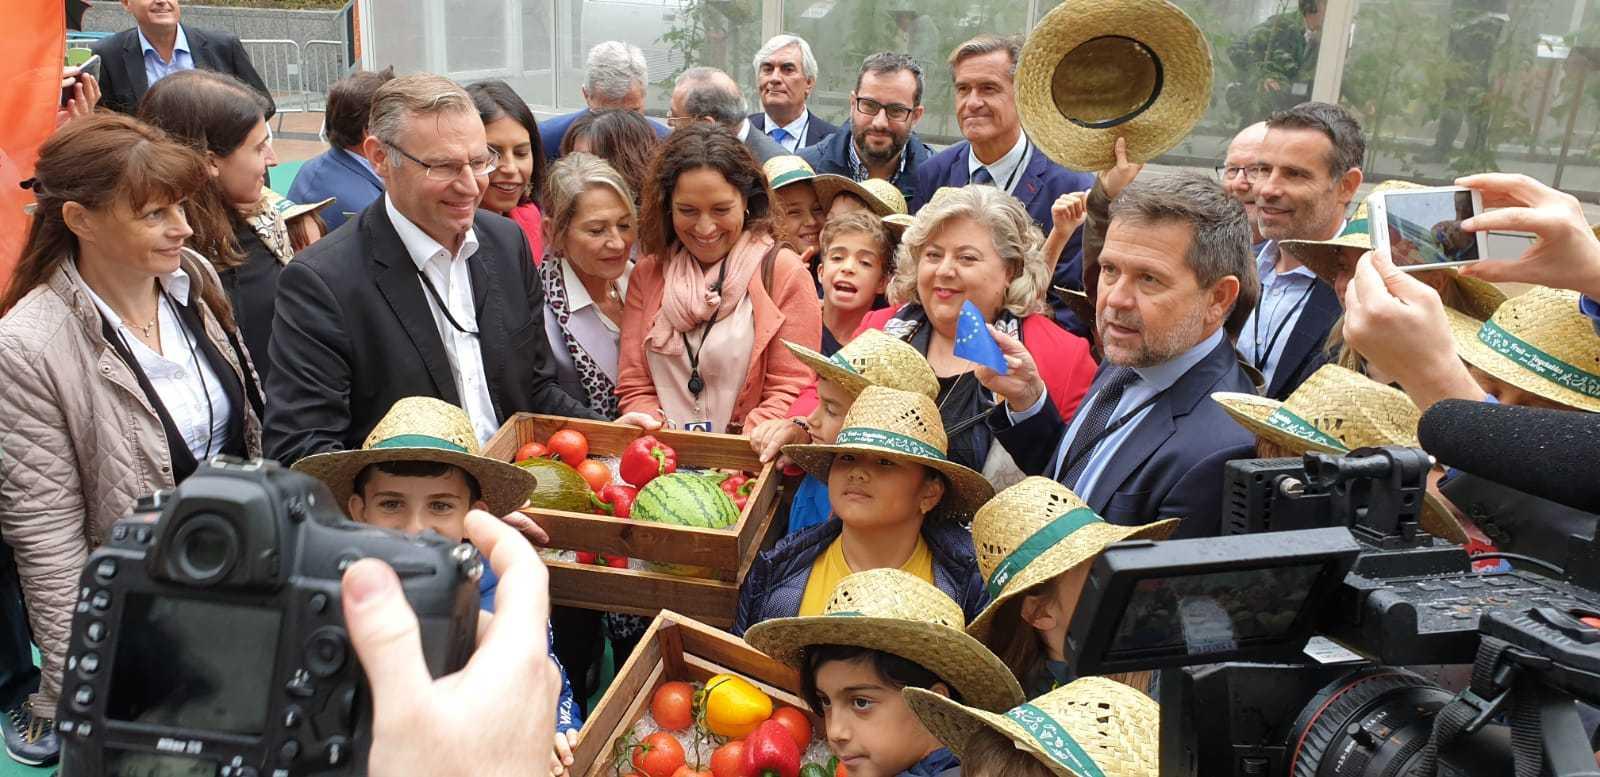 'CuTE, Cultivando el sabor' mostrará la producción hortofrutícola europea a los ciudadanos de la UE